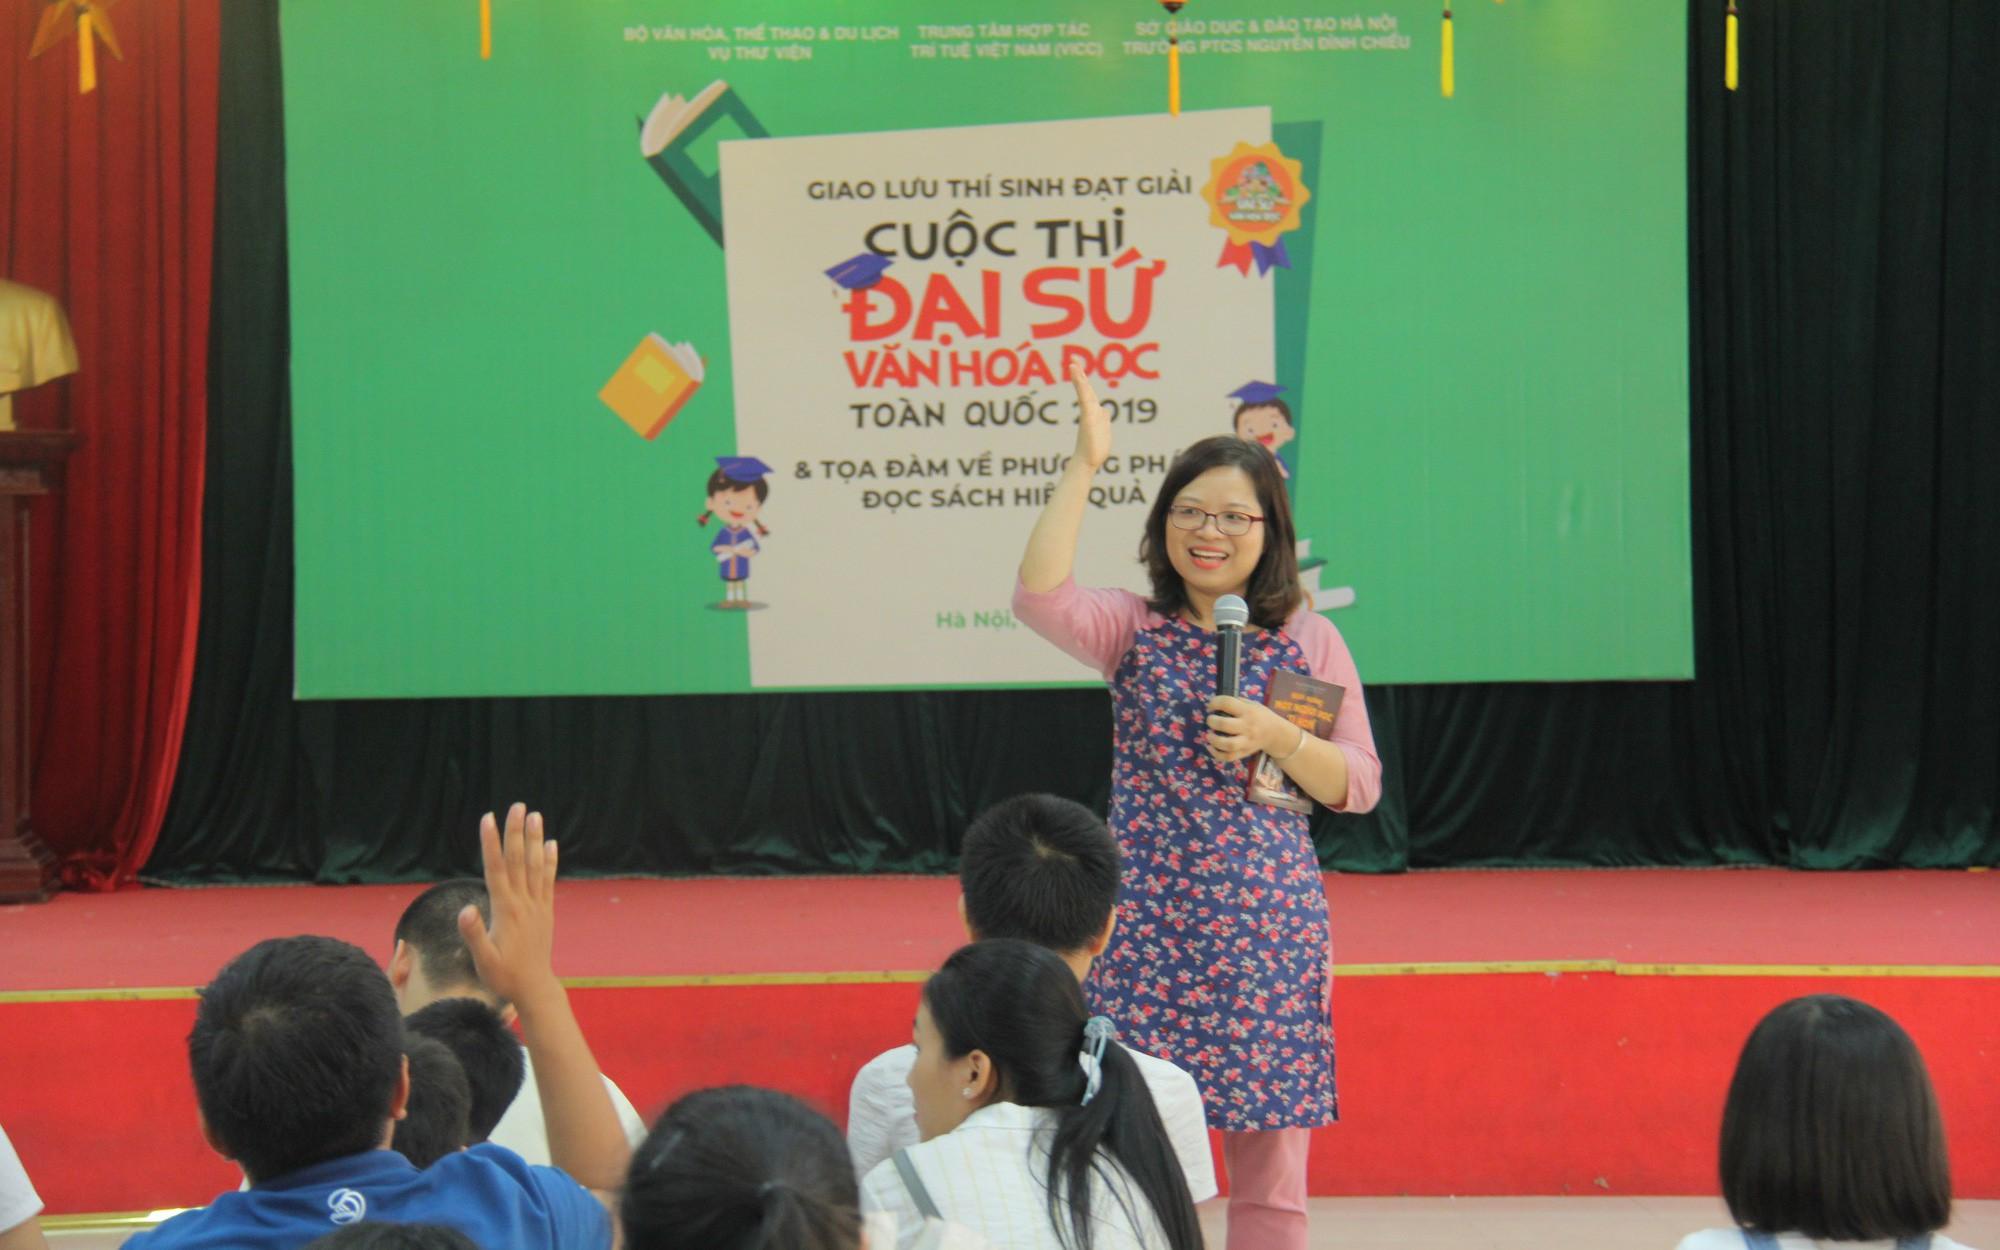 Giao lưu các thí sinh đạt giải Cuộc thi Đại sứ Văn hóa đọc năm 2019